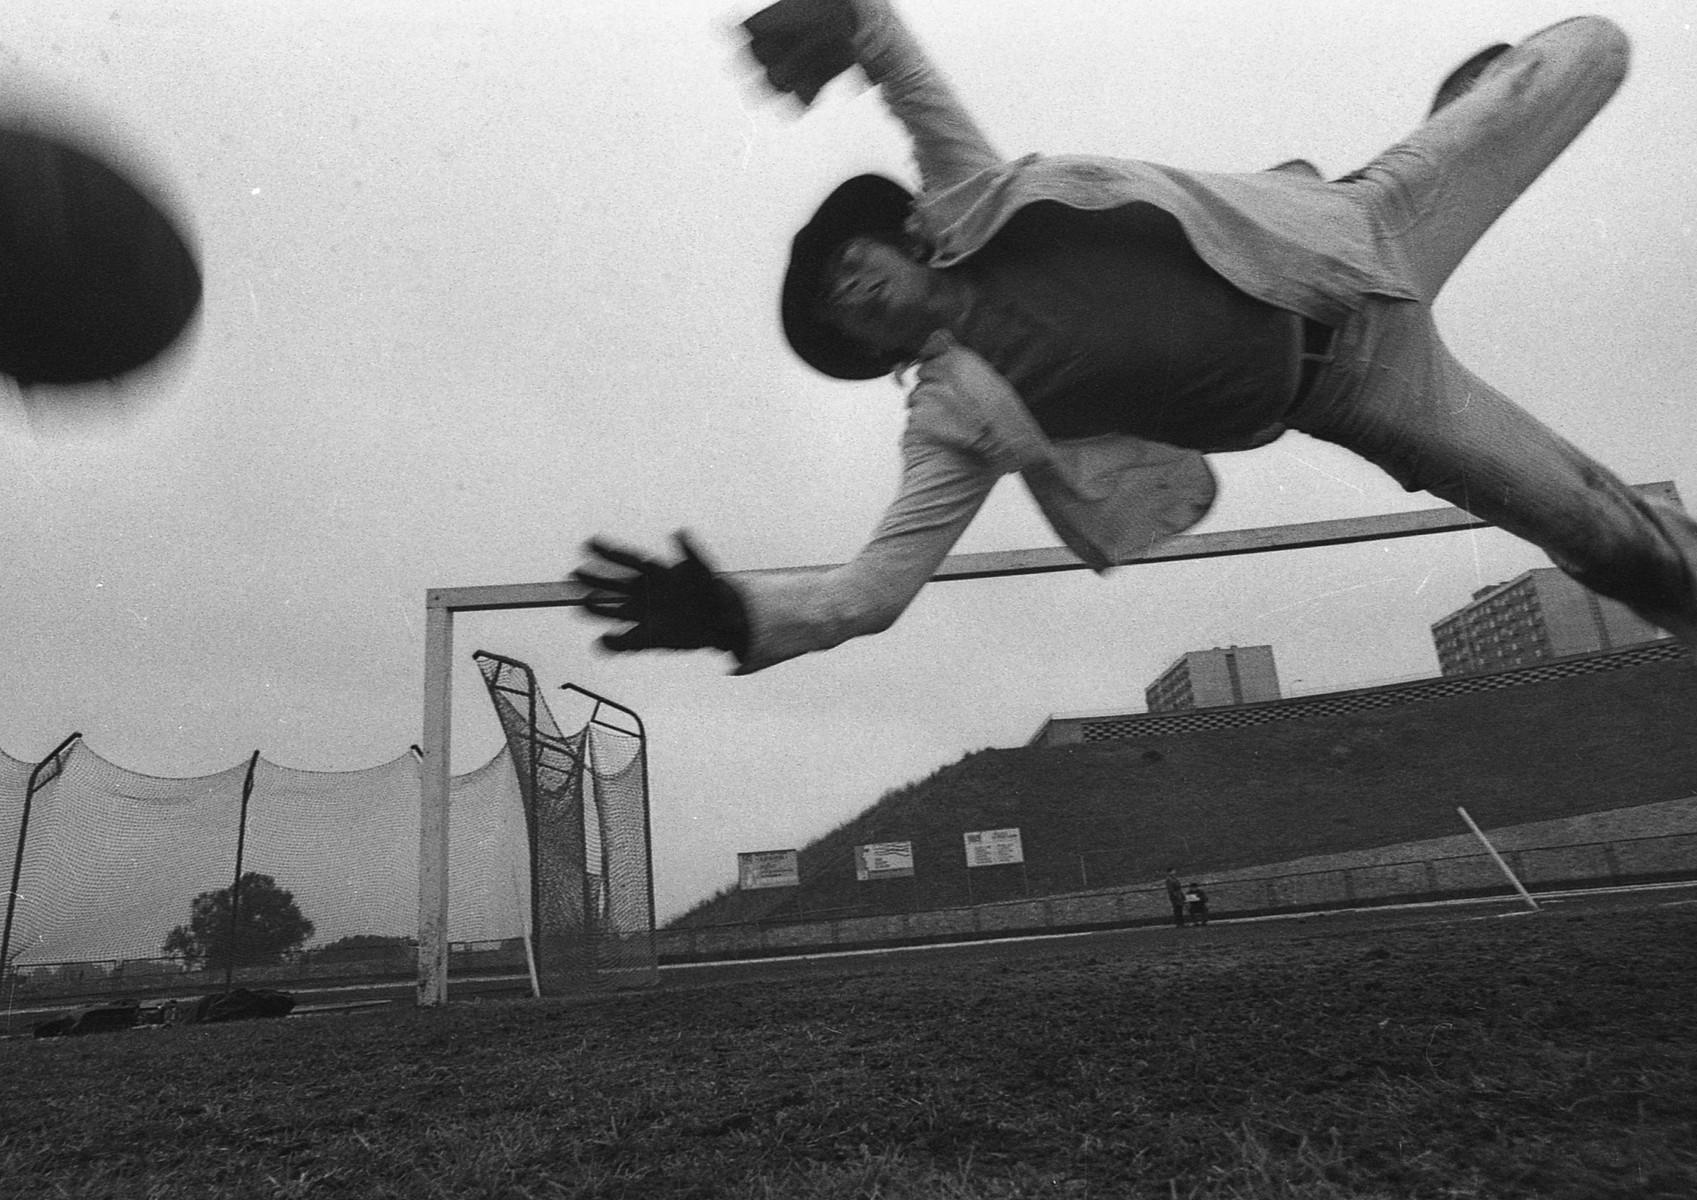 Goalkeeper, 1975 (źródło: materiały prasowe organizatora)